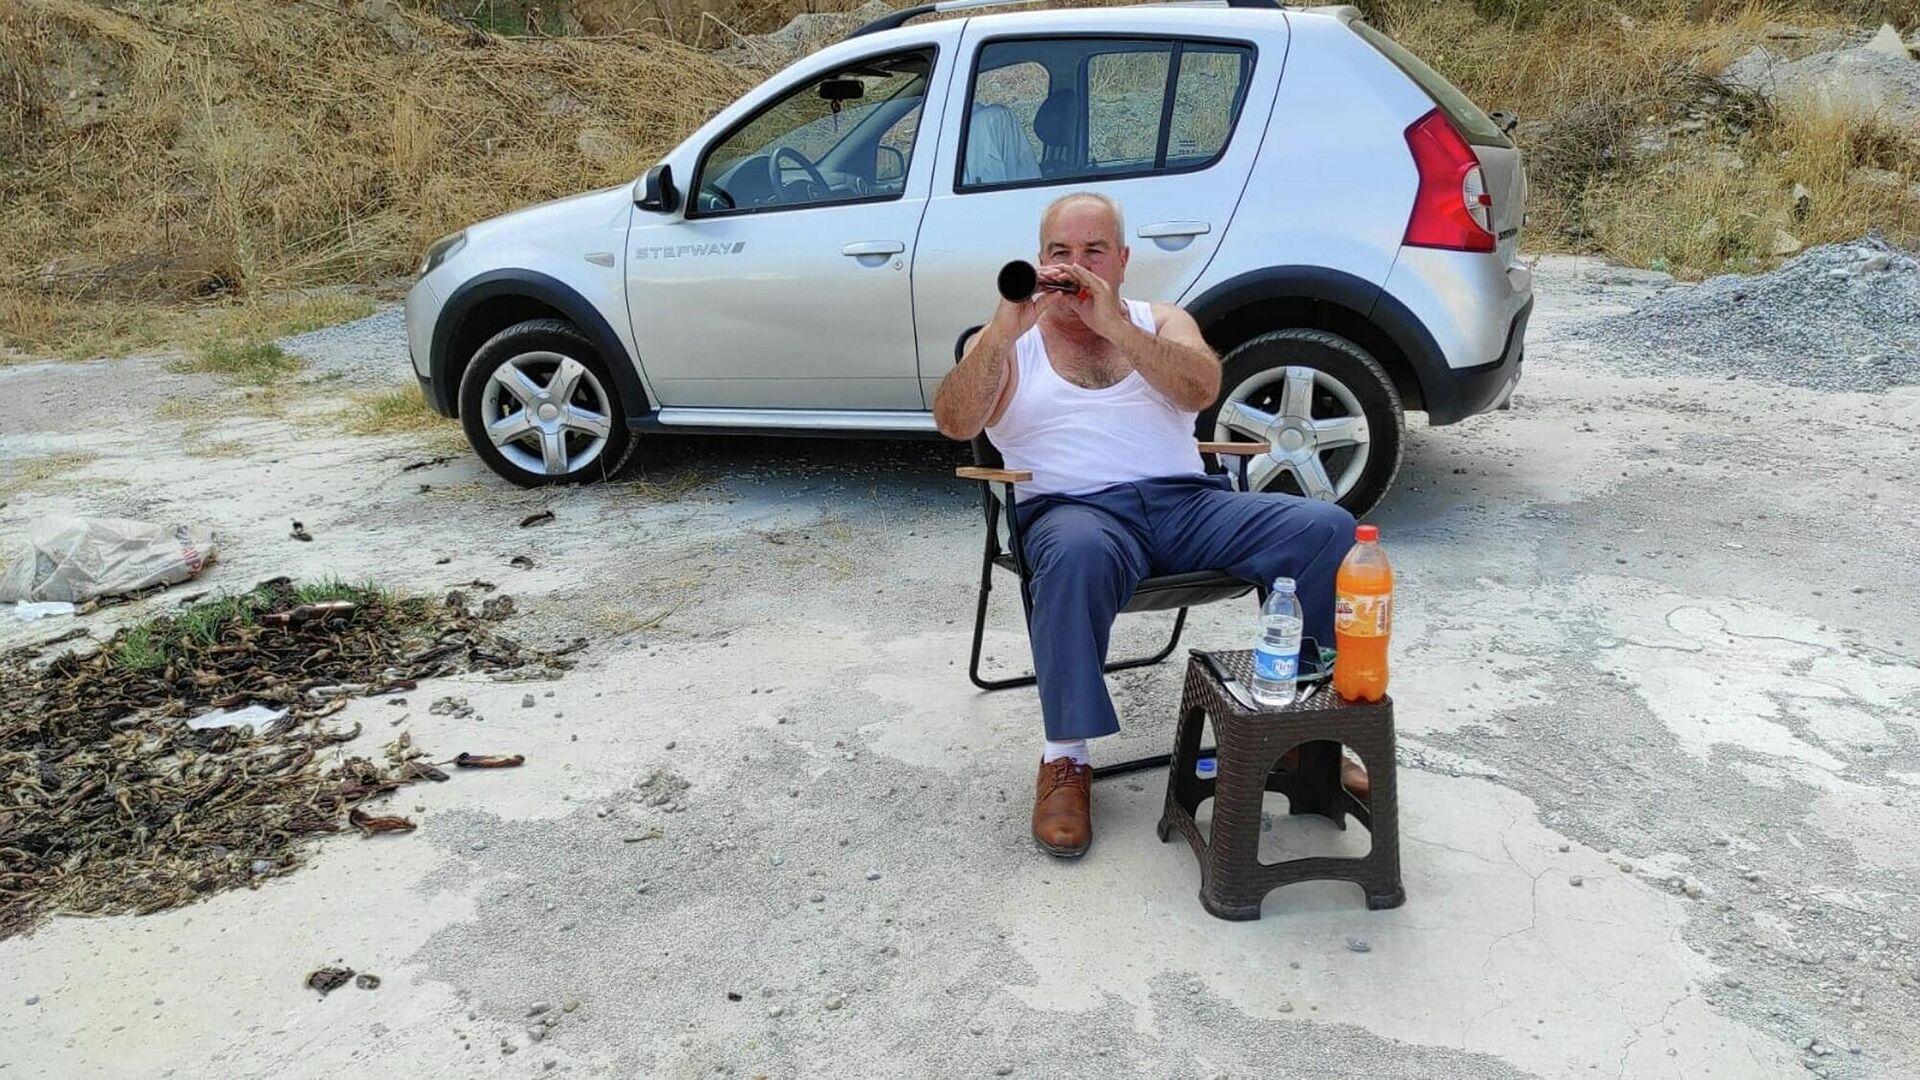 Aydın'da emekli olduktan sonra baba mesleği zurnacılığa merak saran 67 yaşındaki Hüseyin Güler - Sputnik Türkiye, 1920, 23.09.2021